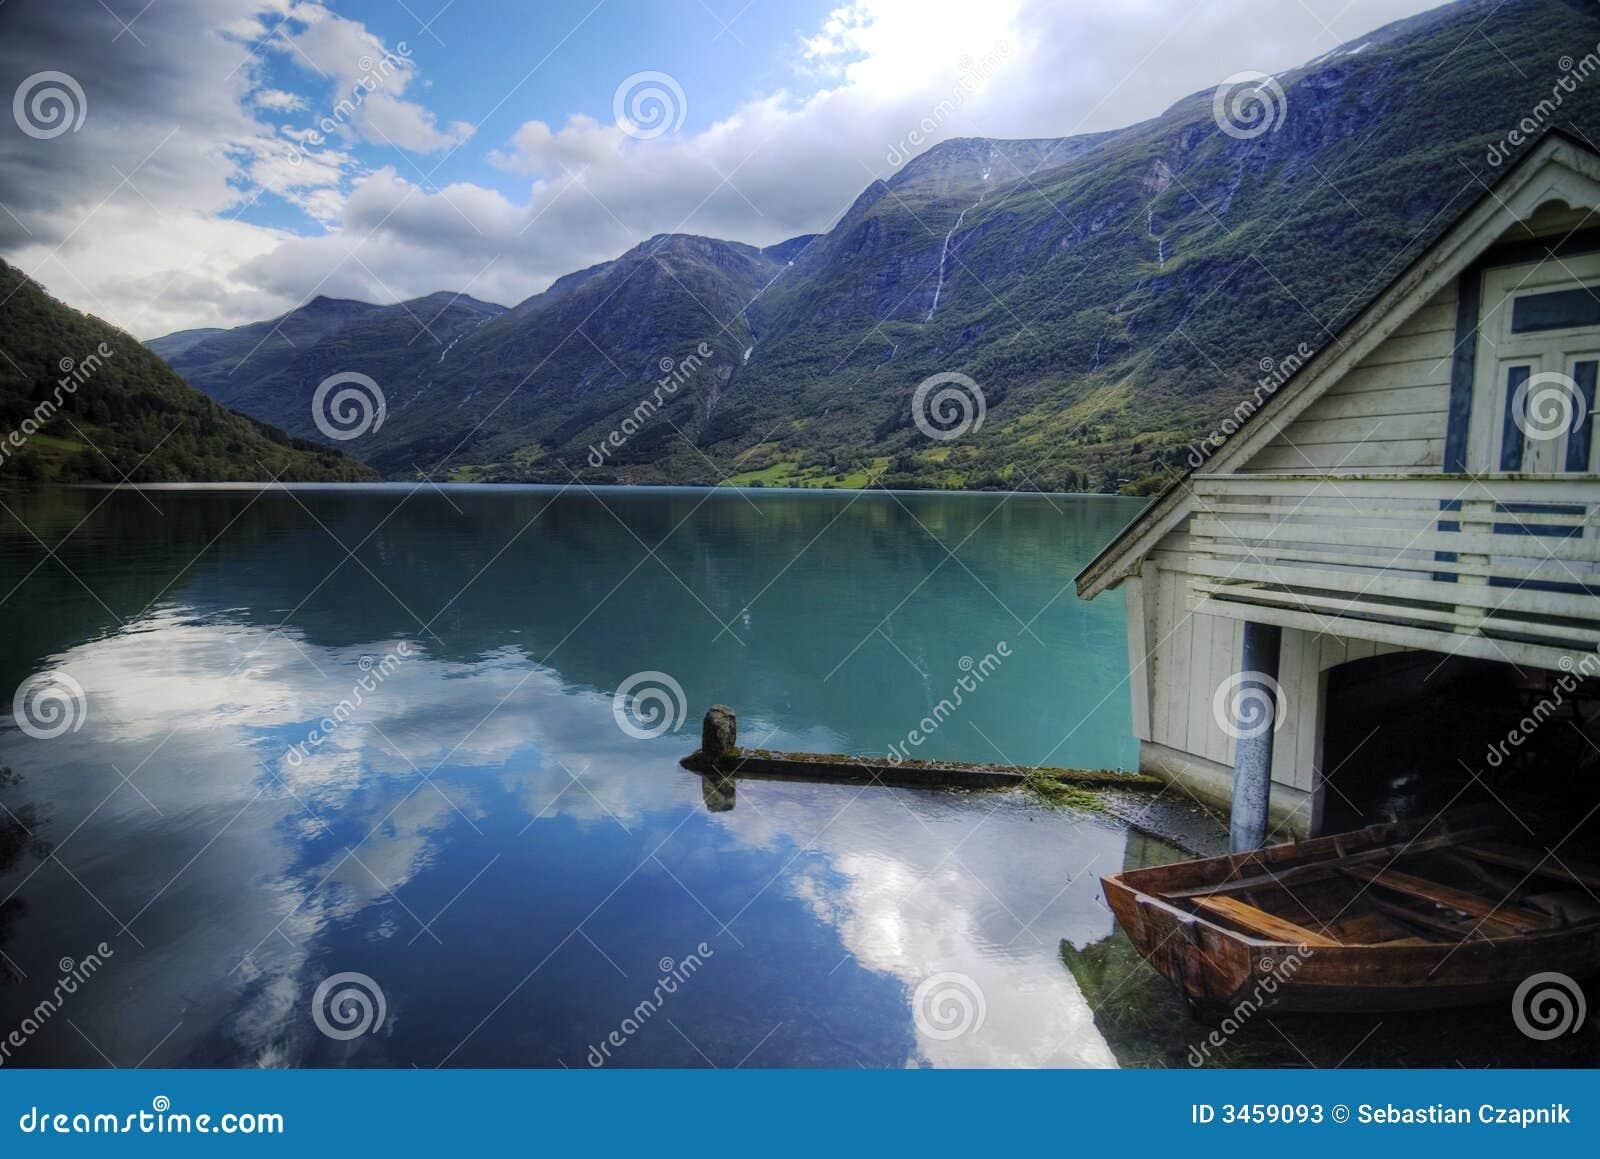 Fiordo y casa de barco. Noruega.